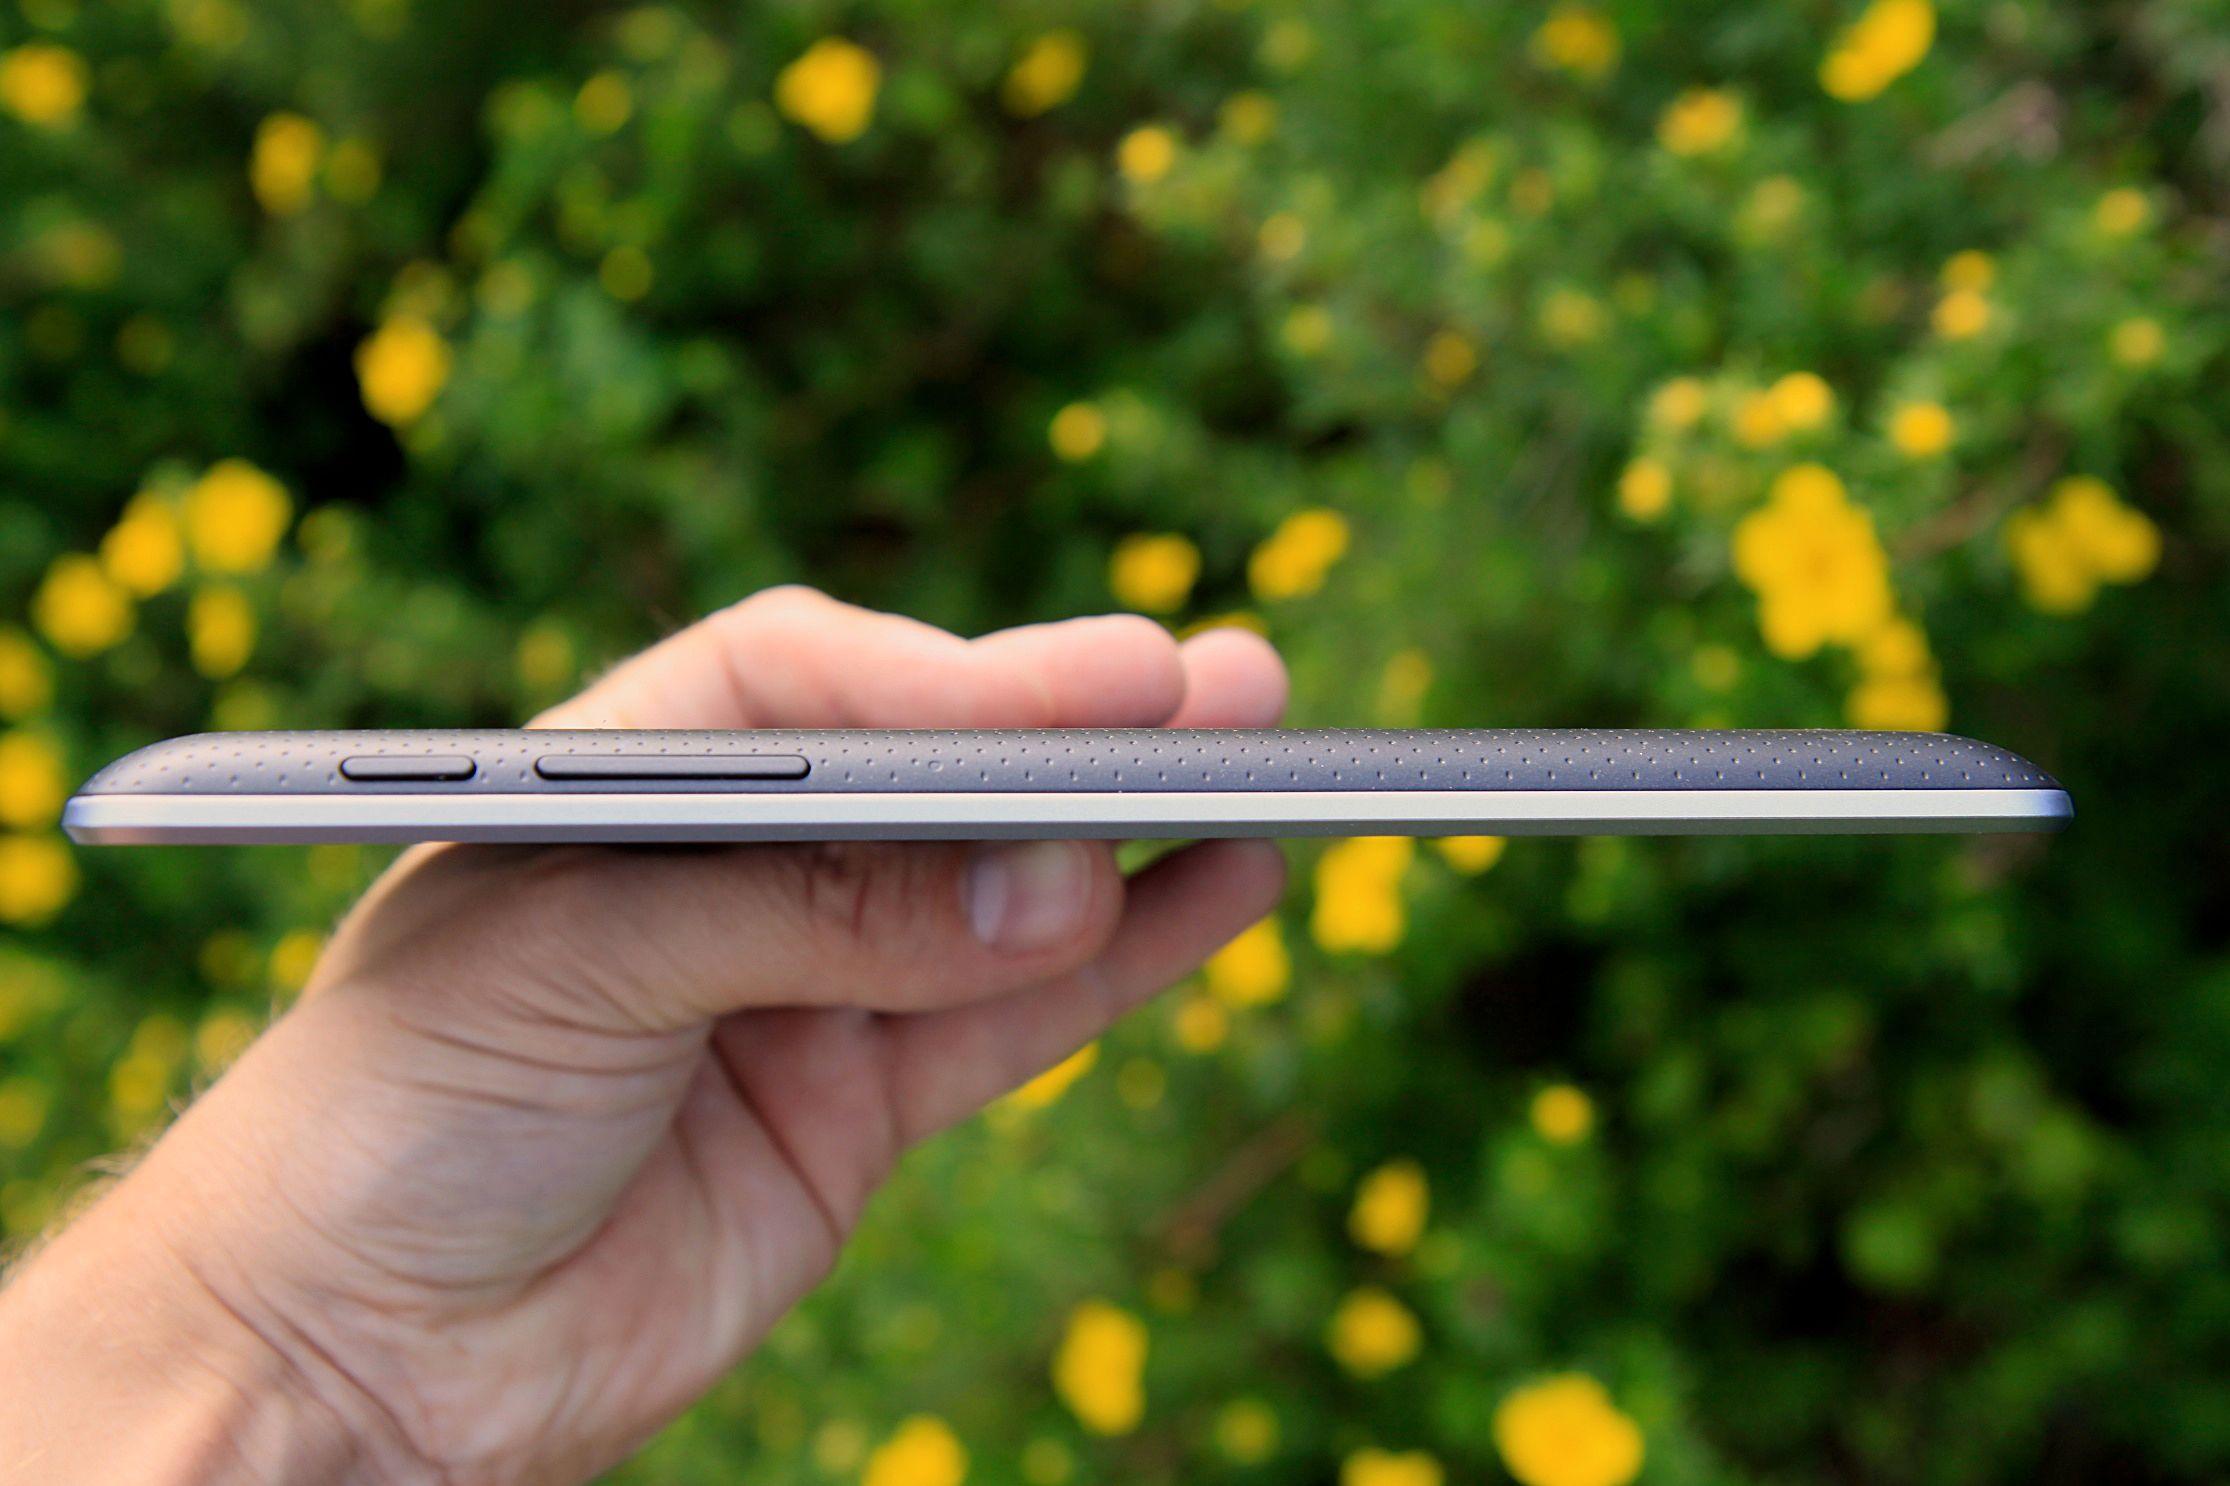 Google Nexus 7 er med sine 10,5 millimeter tykkere enn 10-tommers nettbrett som iPad og Samsung Galaxy Tab 2 10.1.Foto: Kurt Lekanger, Amobil.no